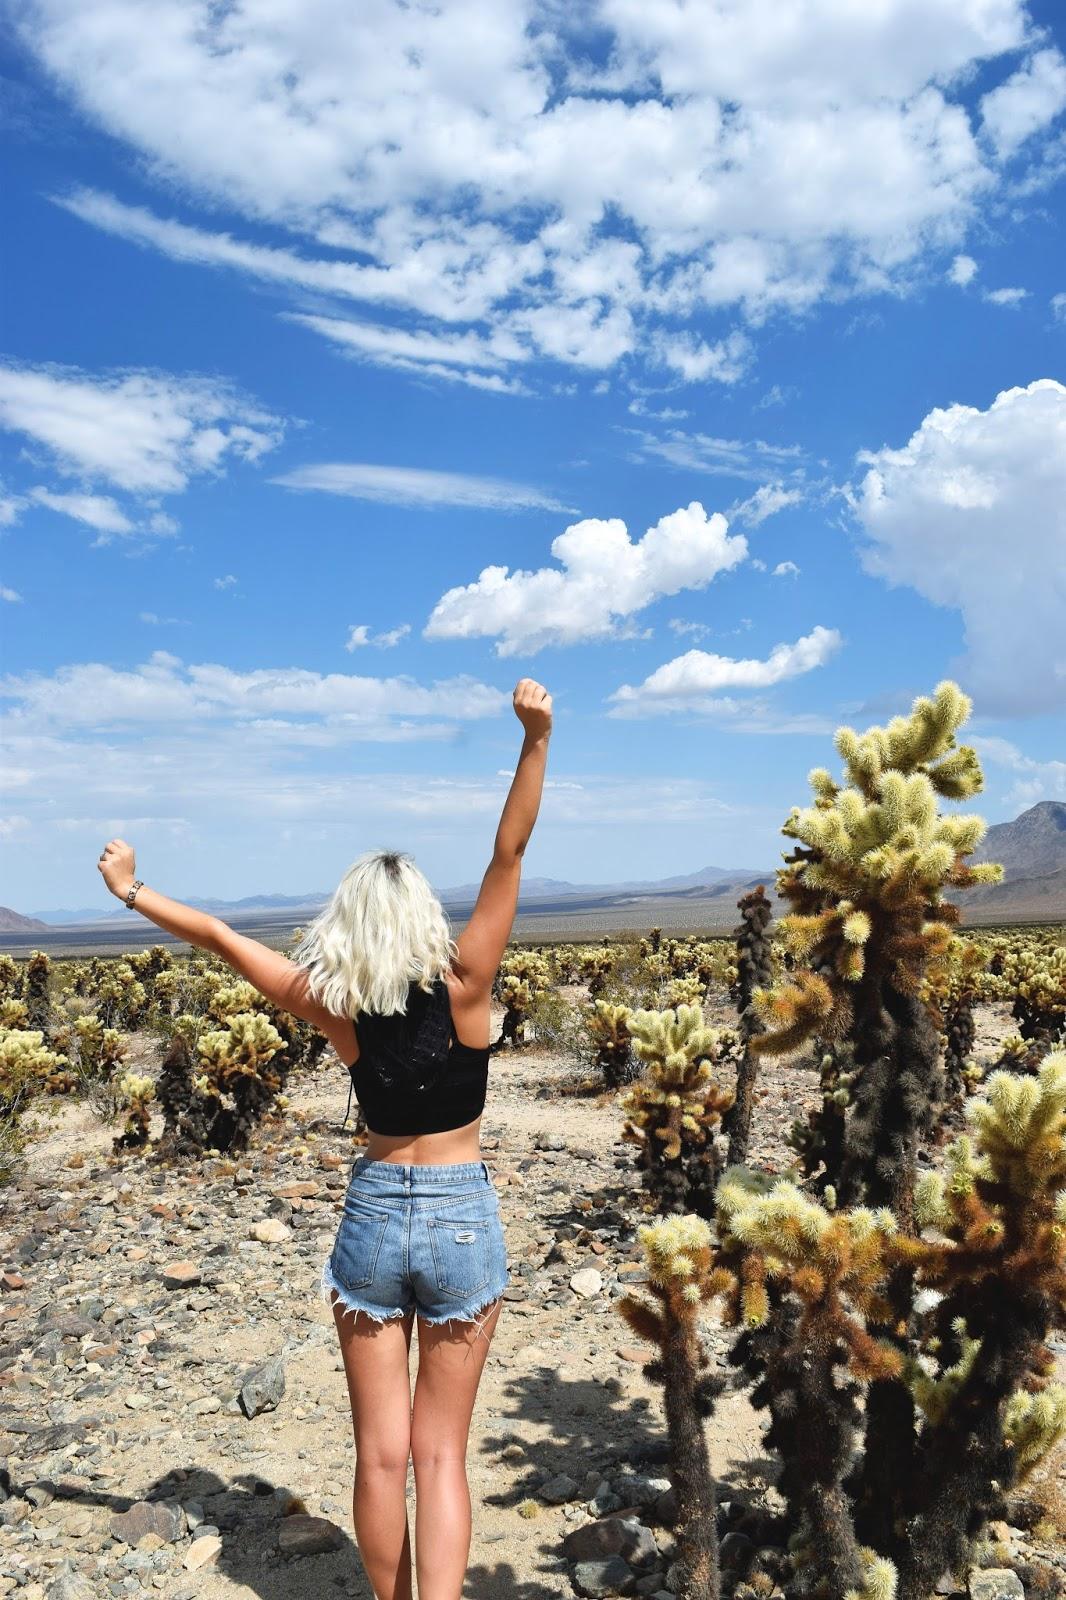 Joshua national park cholla cactus garden